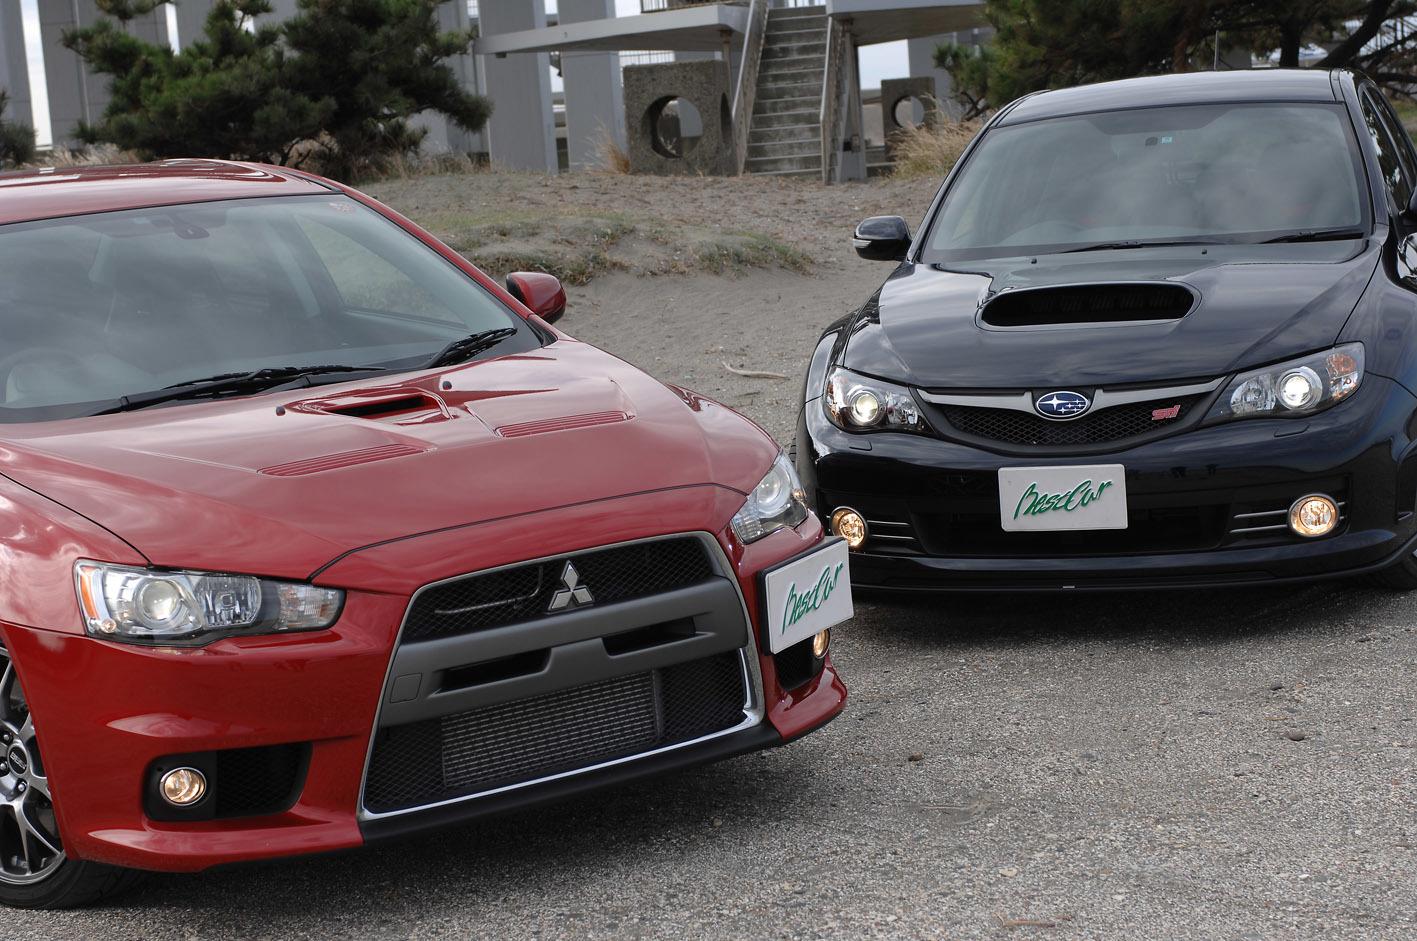 日本自動車界が生んだ「項羽と劉邦」